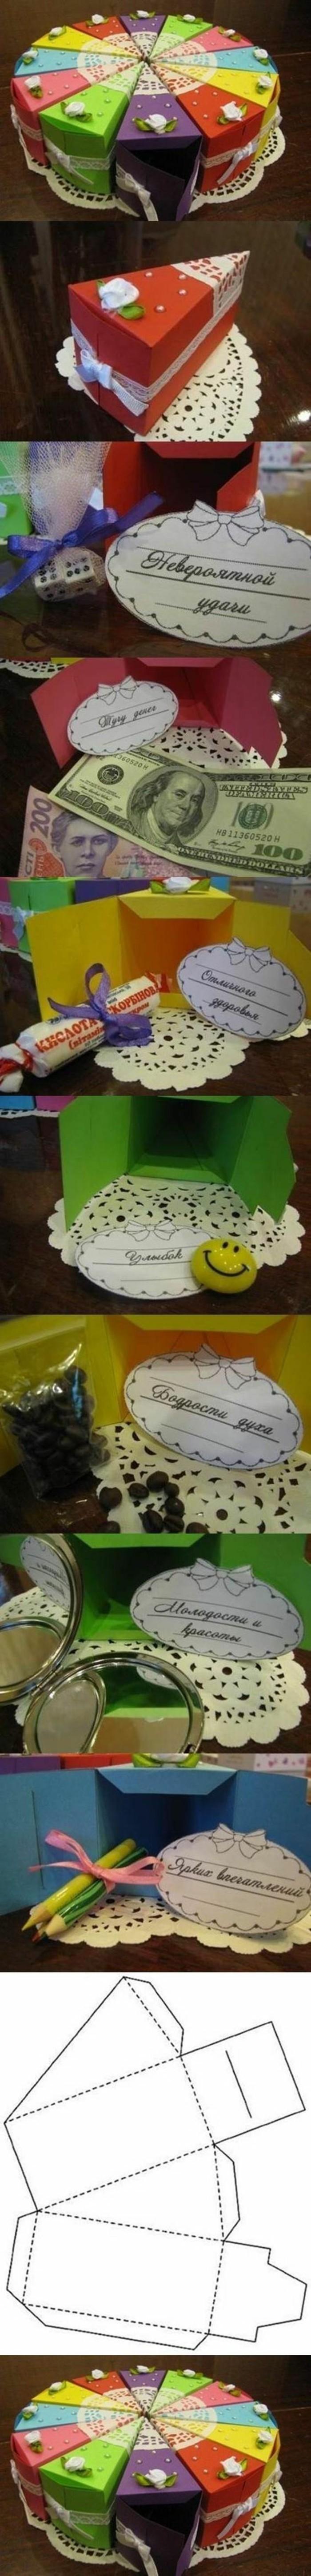 cadeau meilleure amie fait maison, idées cadeaux créatifs, DIY morceaux de gâteau colorés en papier scrapbooking